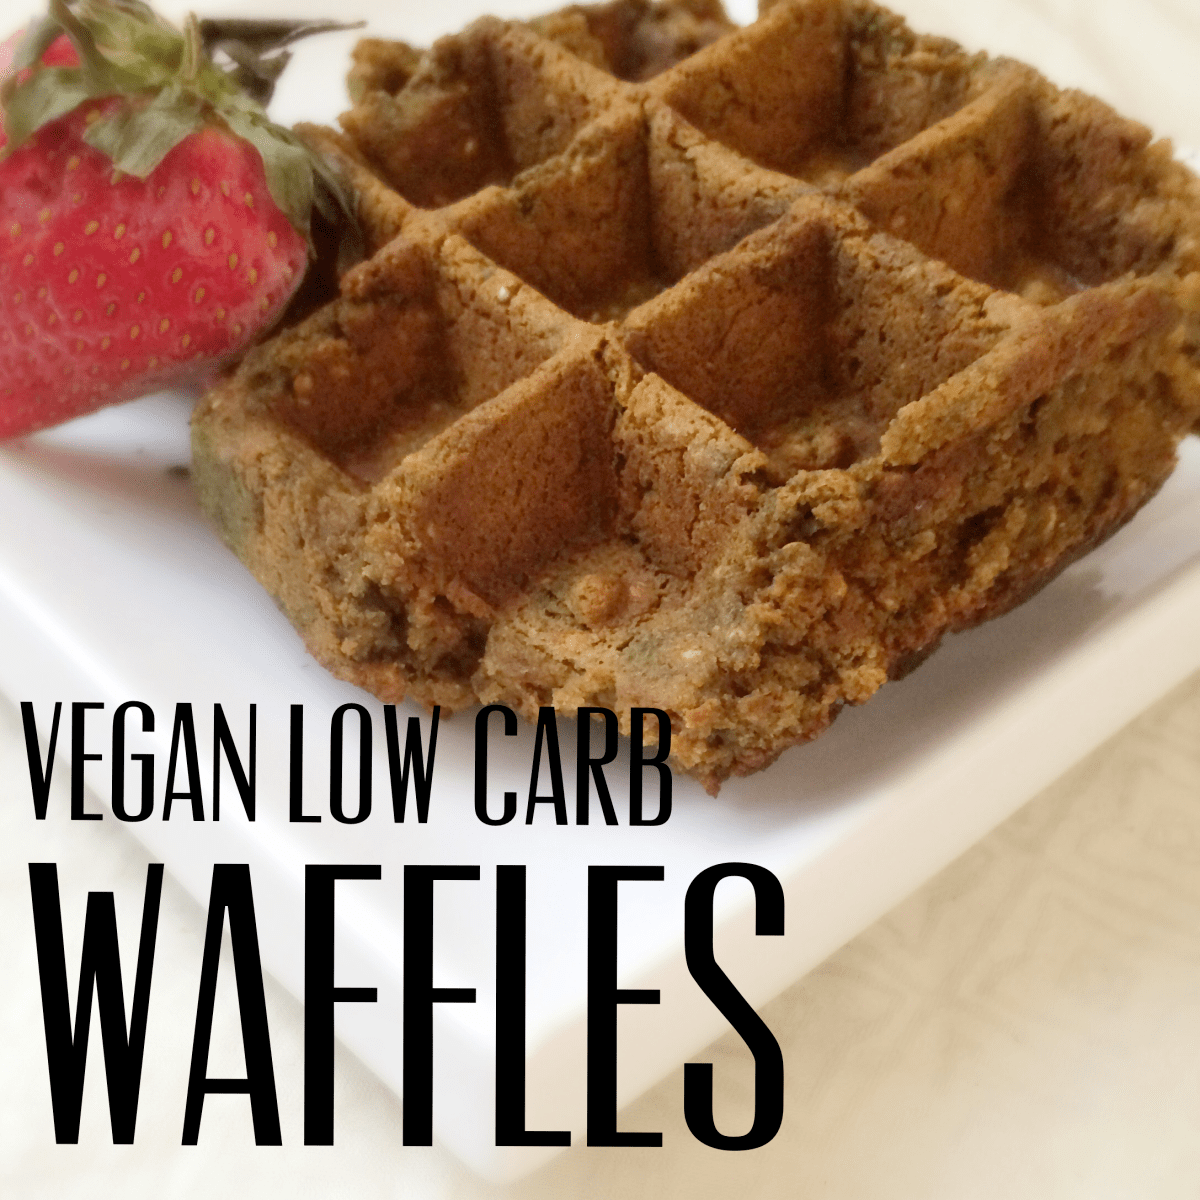 Low Carb Vegan Waffles The Vegan Keto Breakfast Solved Meat Free Keto Low Carb Vegan Low Carb Waffles Vegan Keto